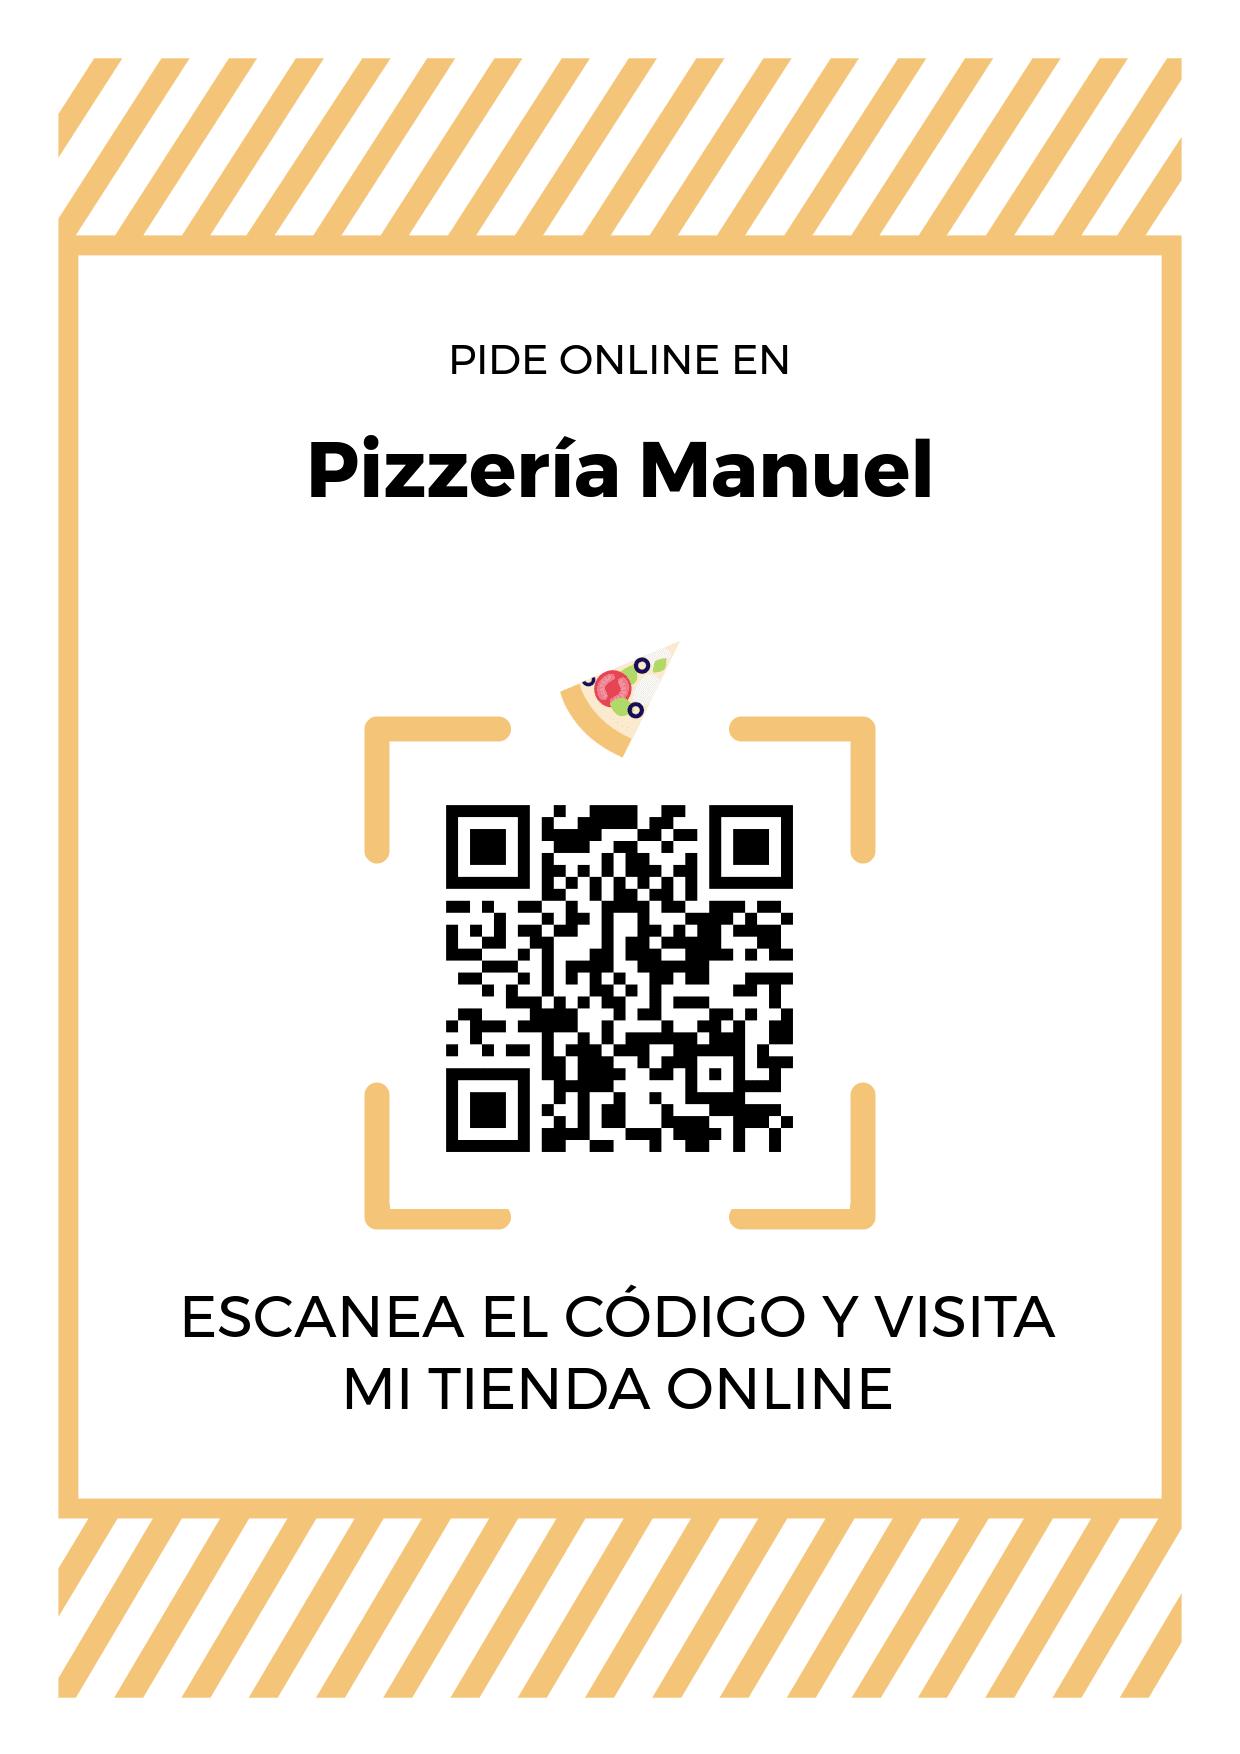 Cartel Póster de Código QR para tienda de Pizzería